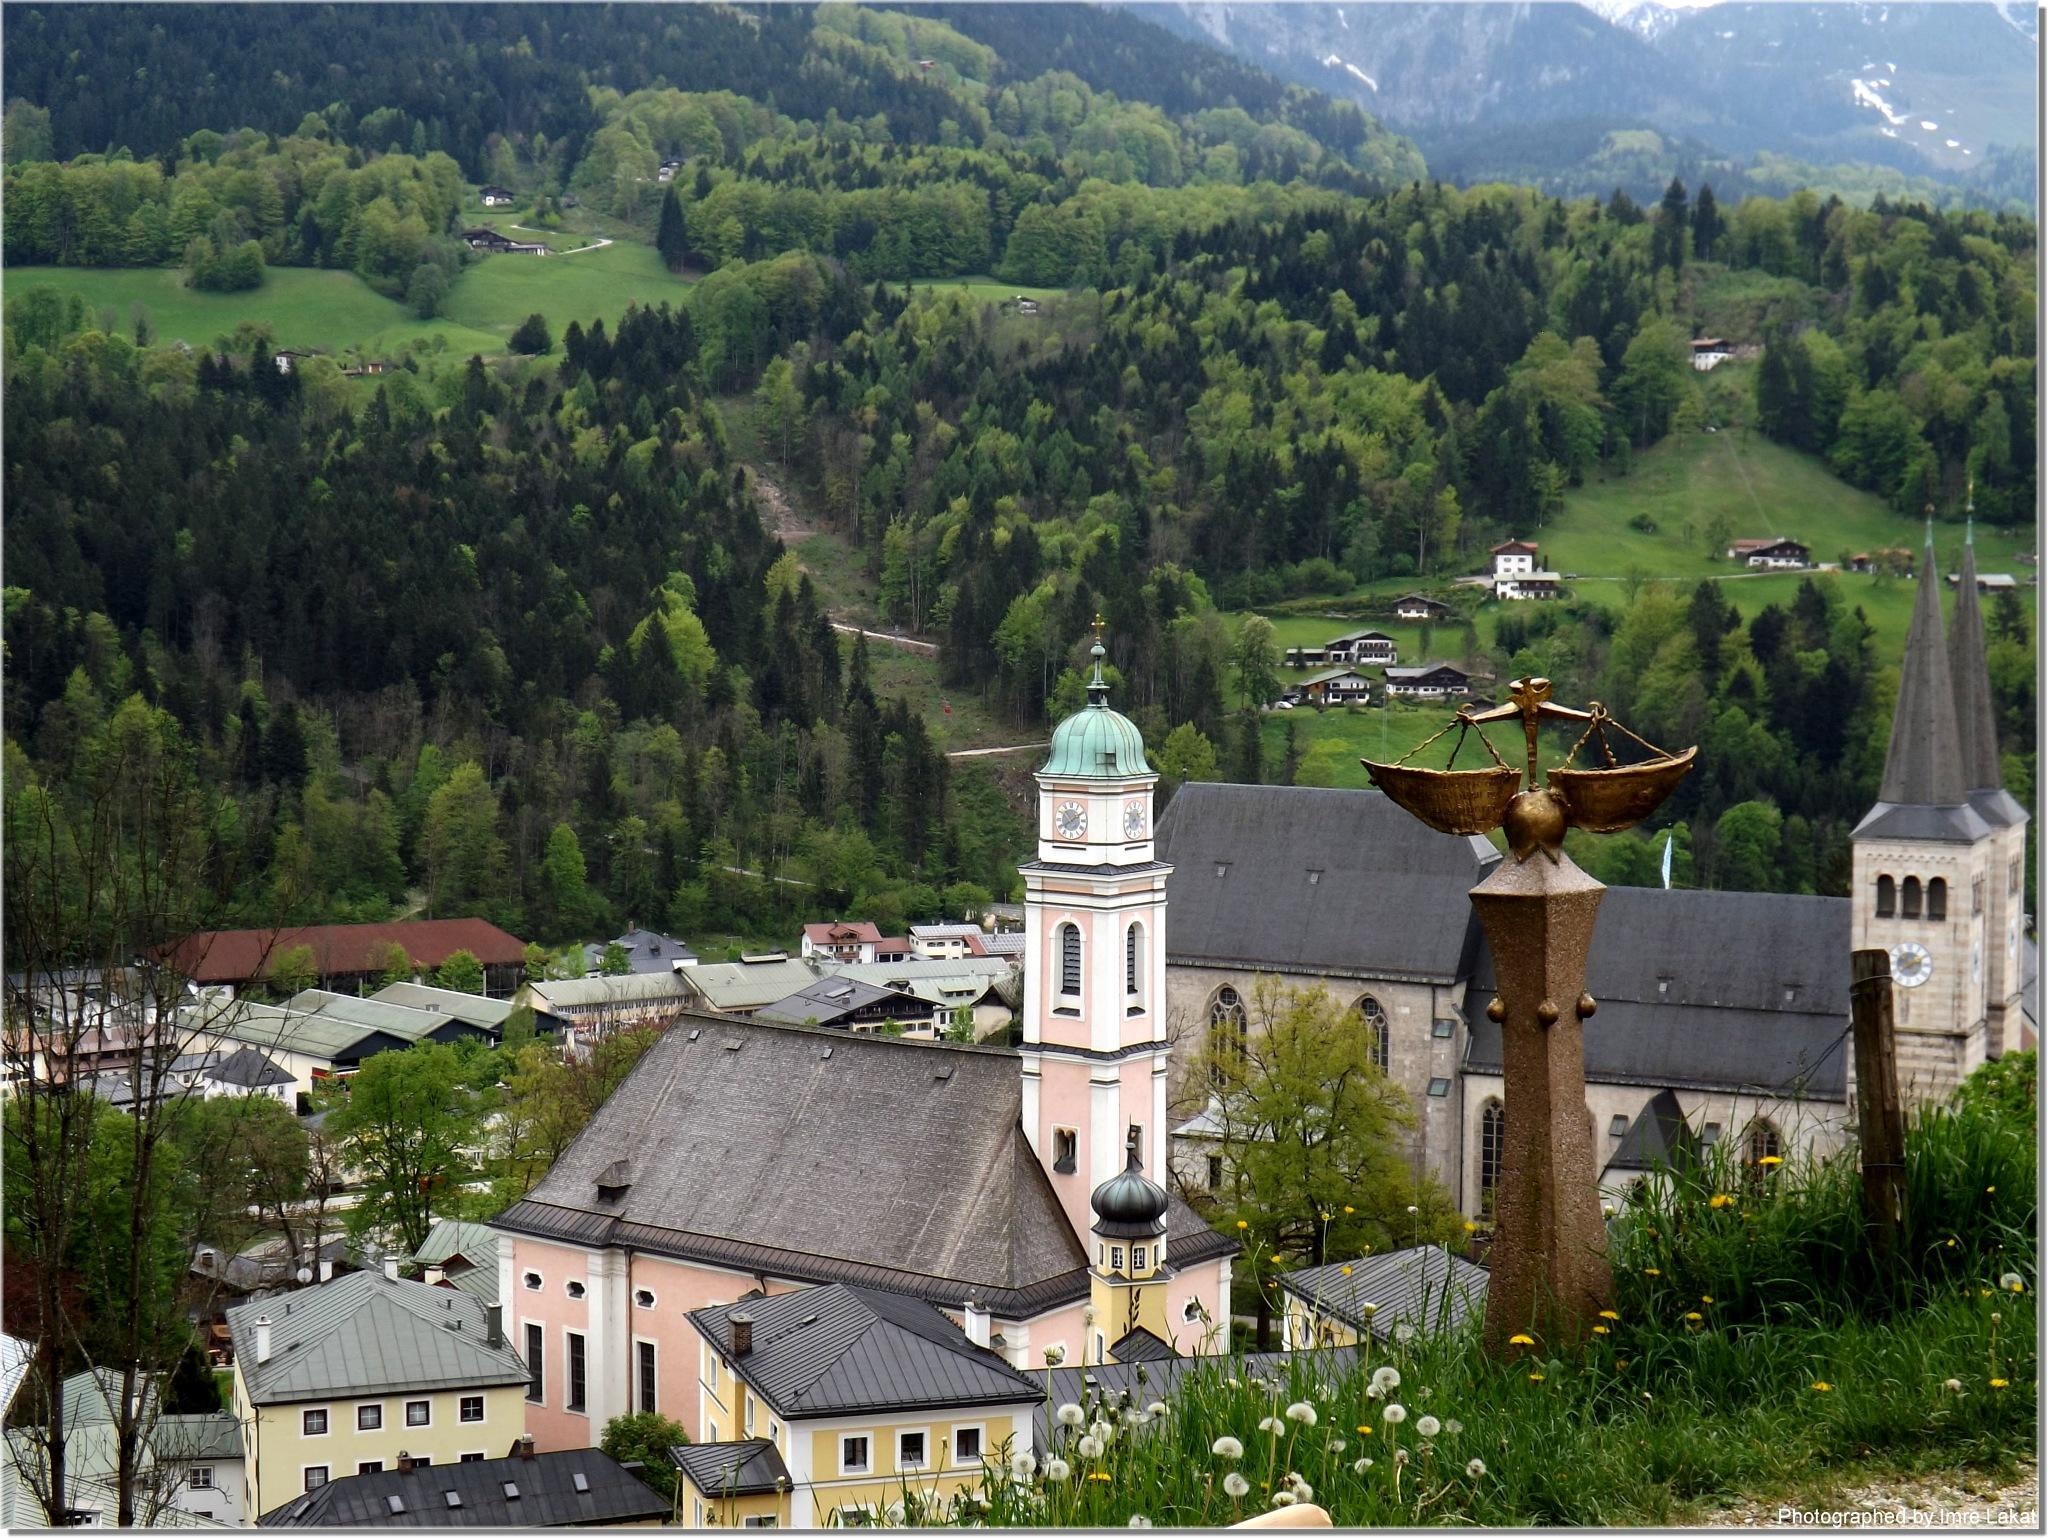 Stiftskirche St. Peter und Johannes der Täufer . Schloßpl. 8, 83471 Berchtesgaden,  by Imre Lakat